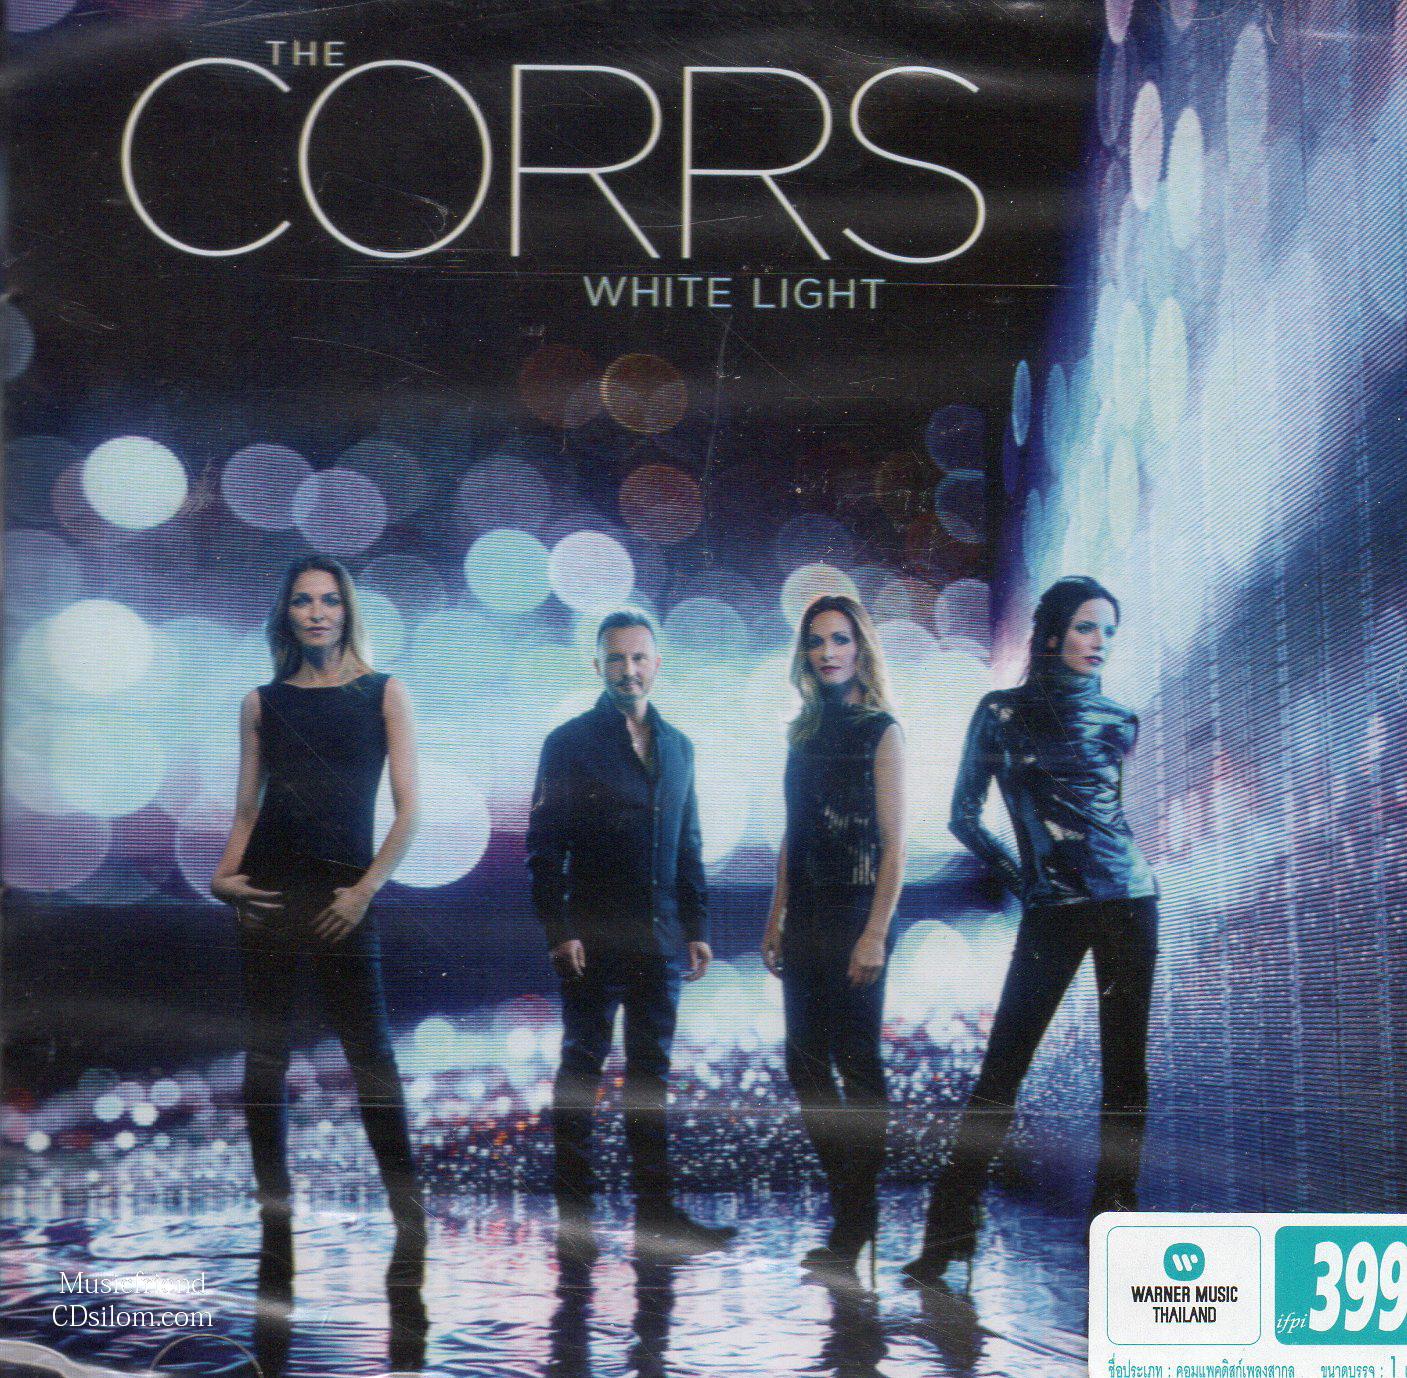 CD,The Corrs - White Light (2015)(Thai)